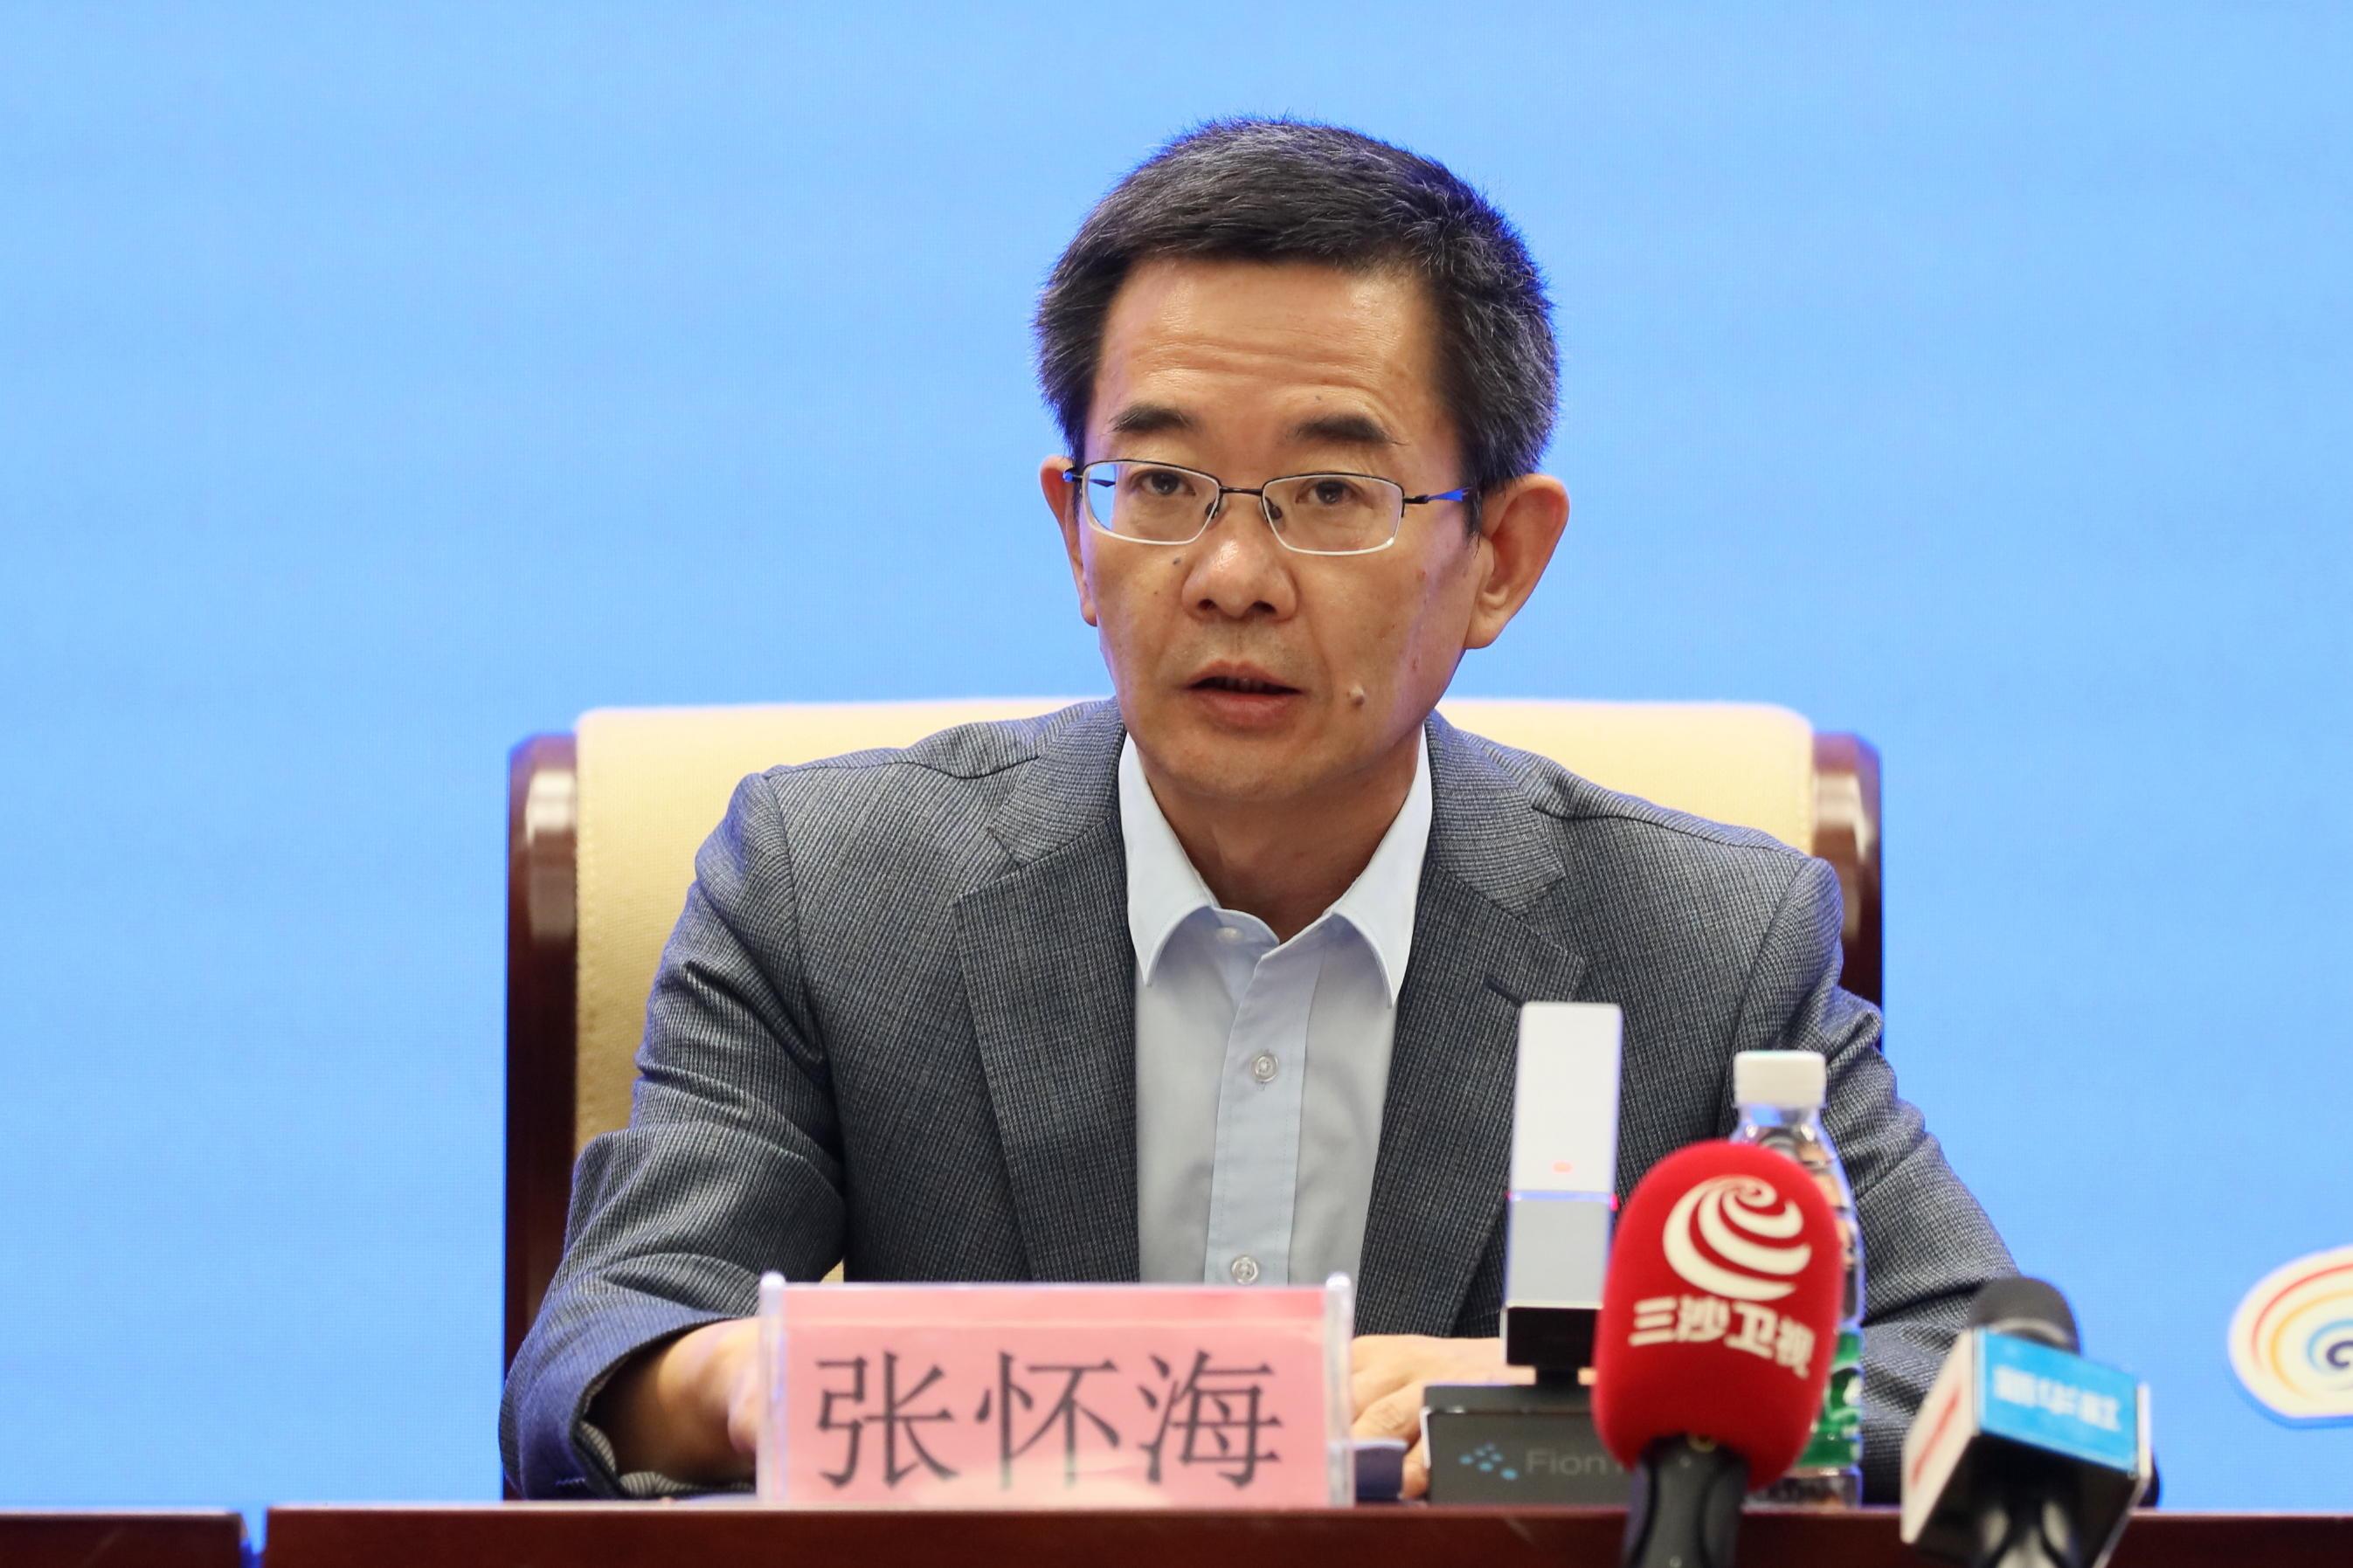 图片:中共海南省委宣传部副部长张怀海致欢迎辞